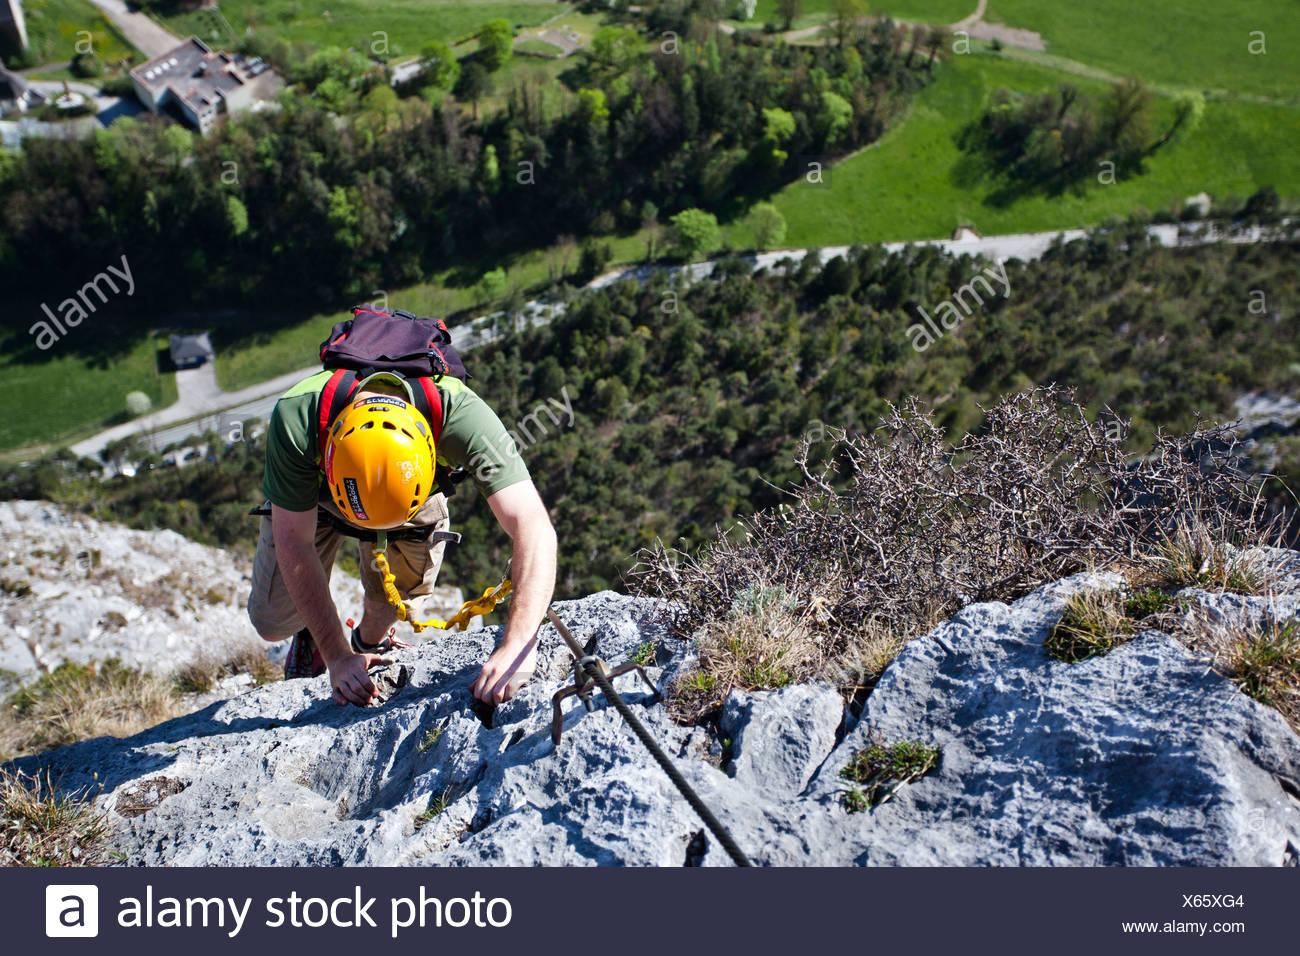 Bergsteiger beim Aufstieg von der Kaiser Maximilian Klettersteig an der Martinswand in der Nähe von Innsbruck, Nord-Tirol, Tirol, Österreich Stockbild